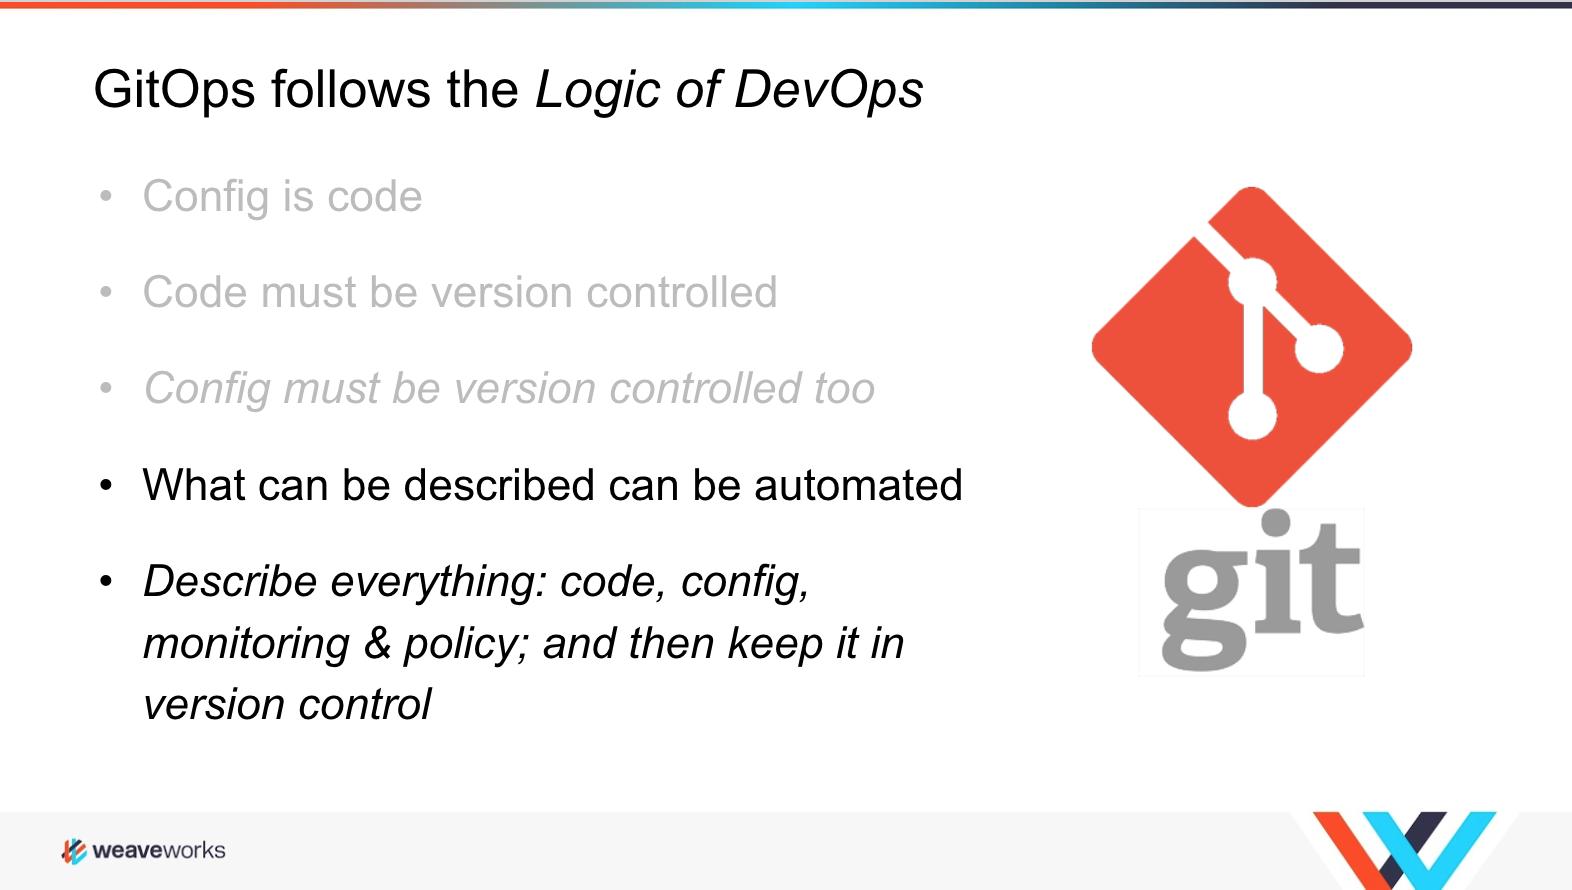 GitOps_DevOps_logic.png